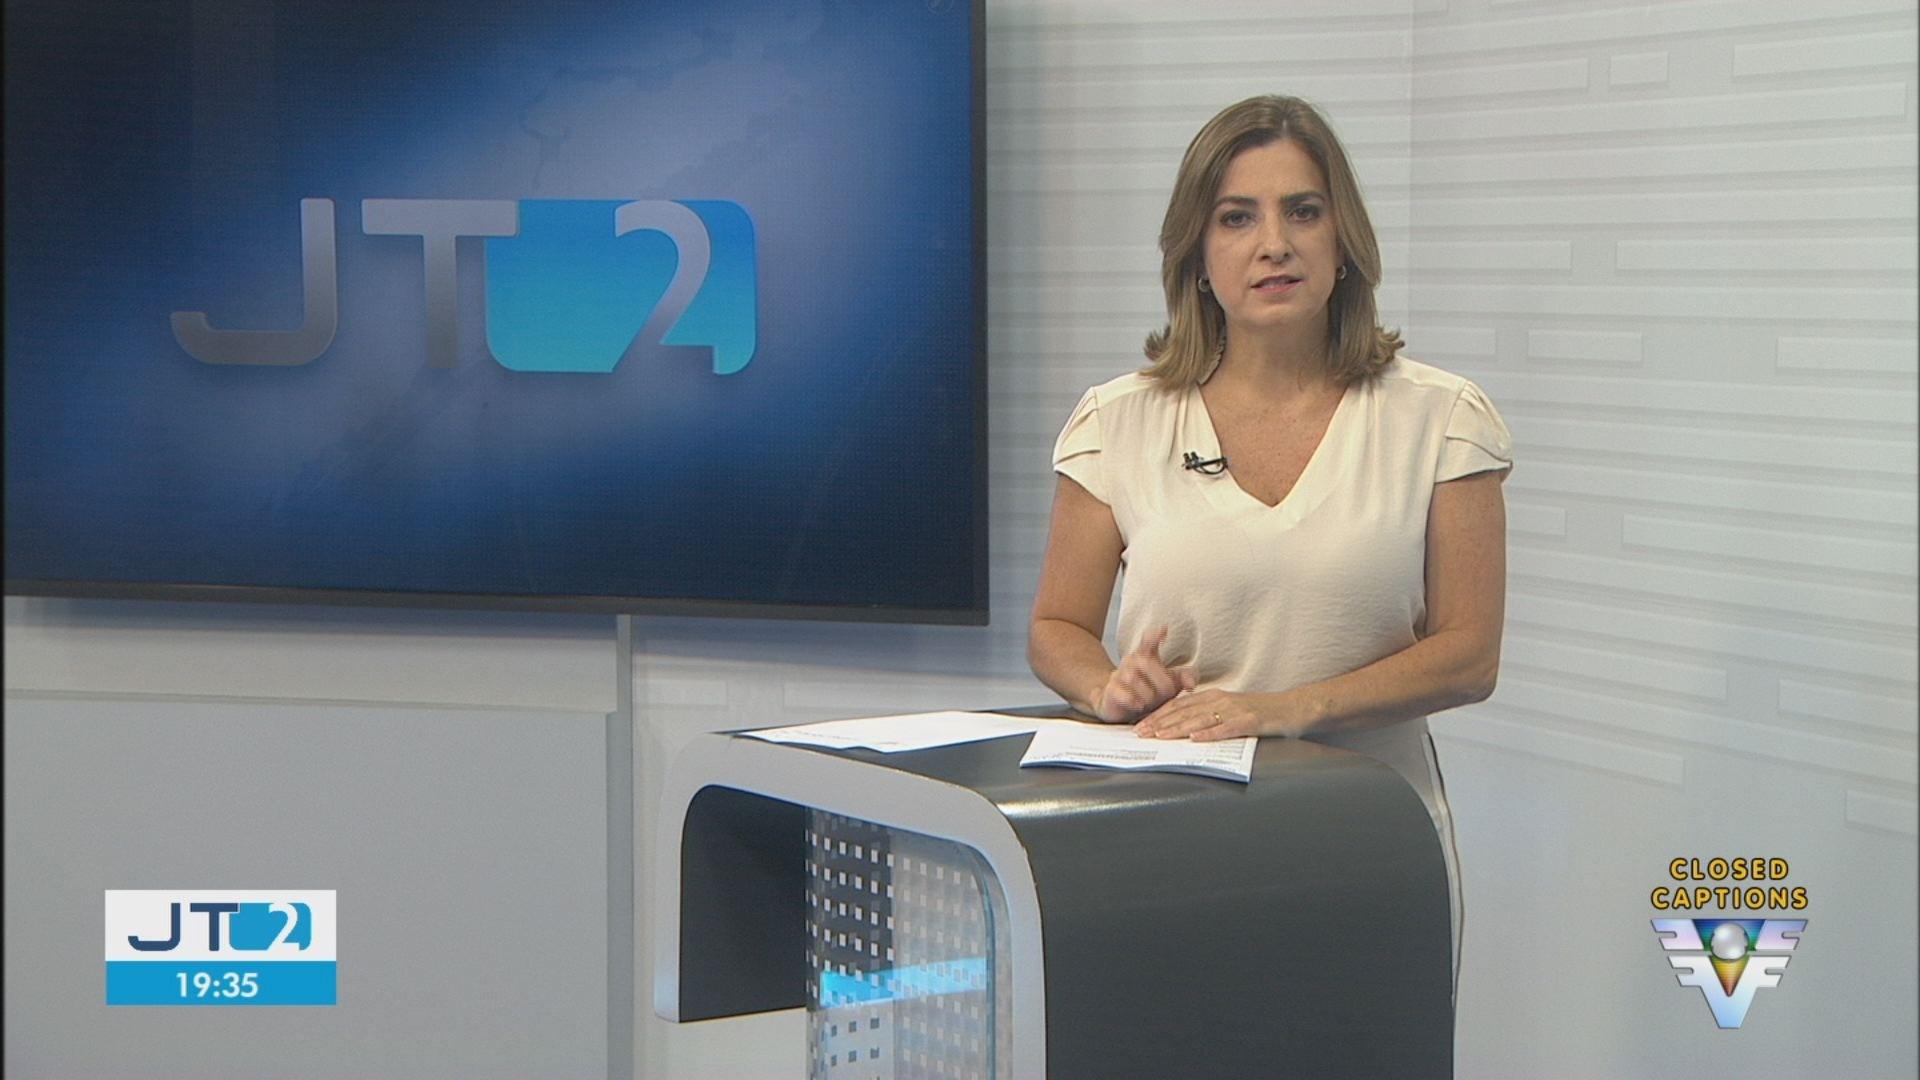 VÍDEOS: Jornal da Tribuna 2ª Edição de sexta-feira, 23 de outubro